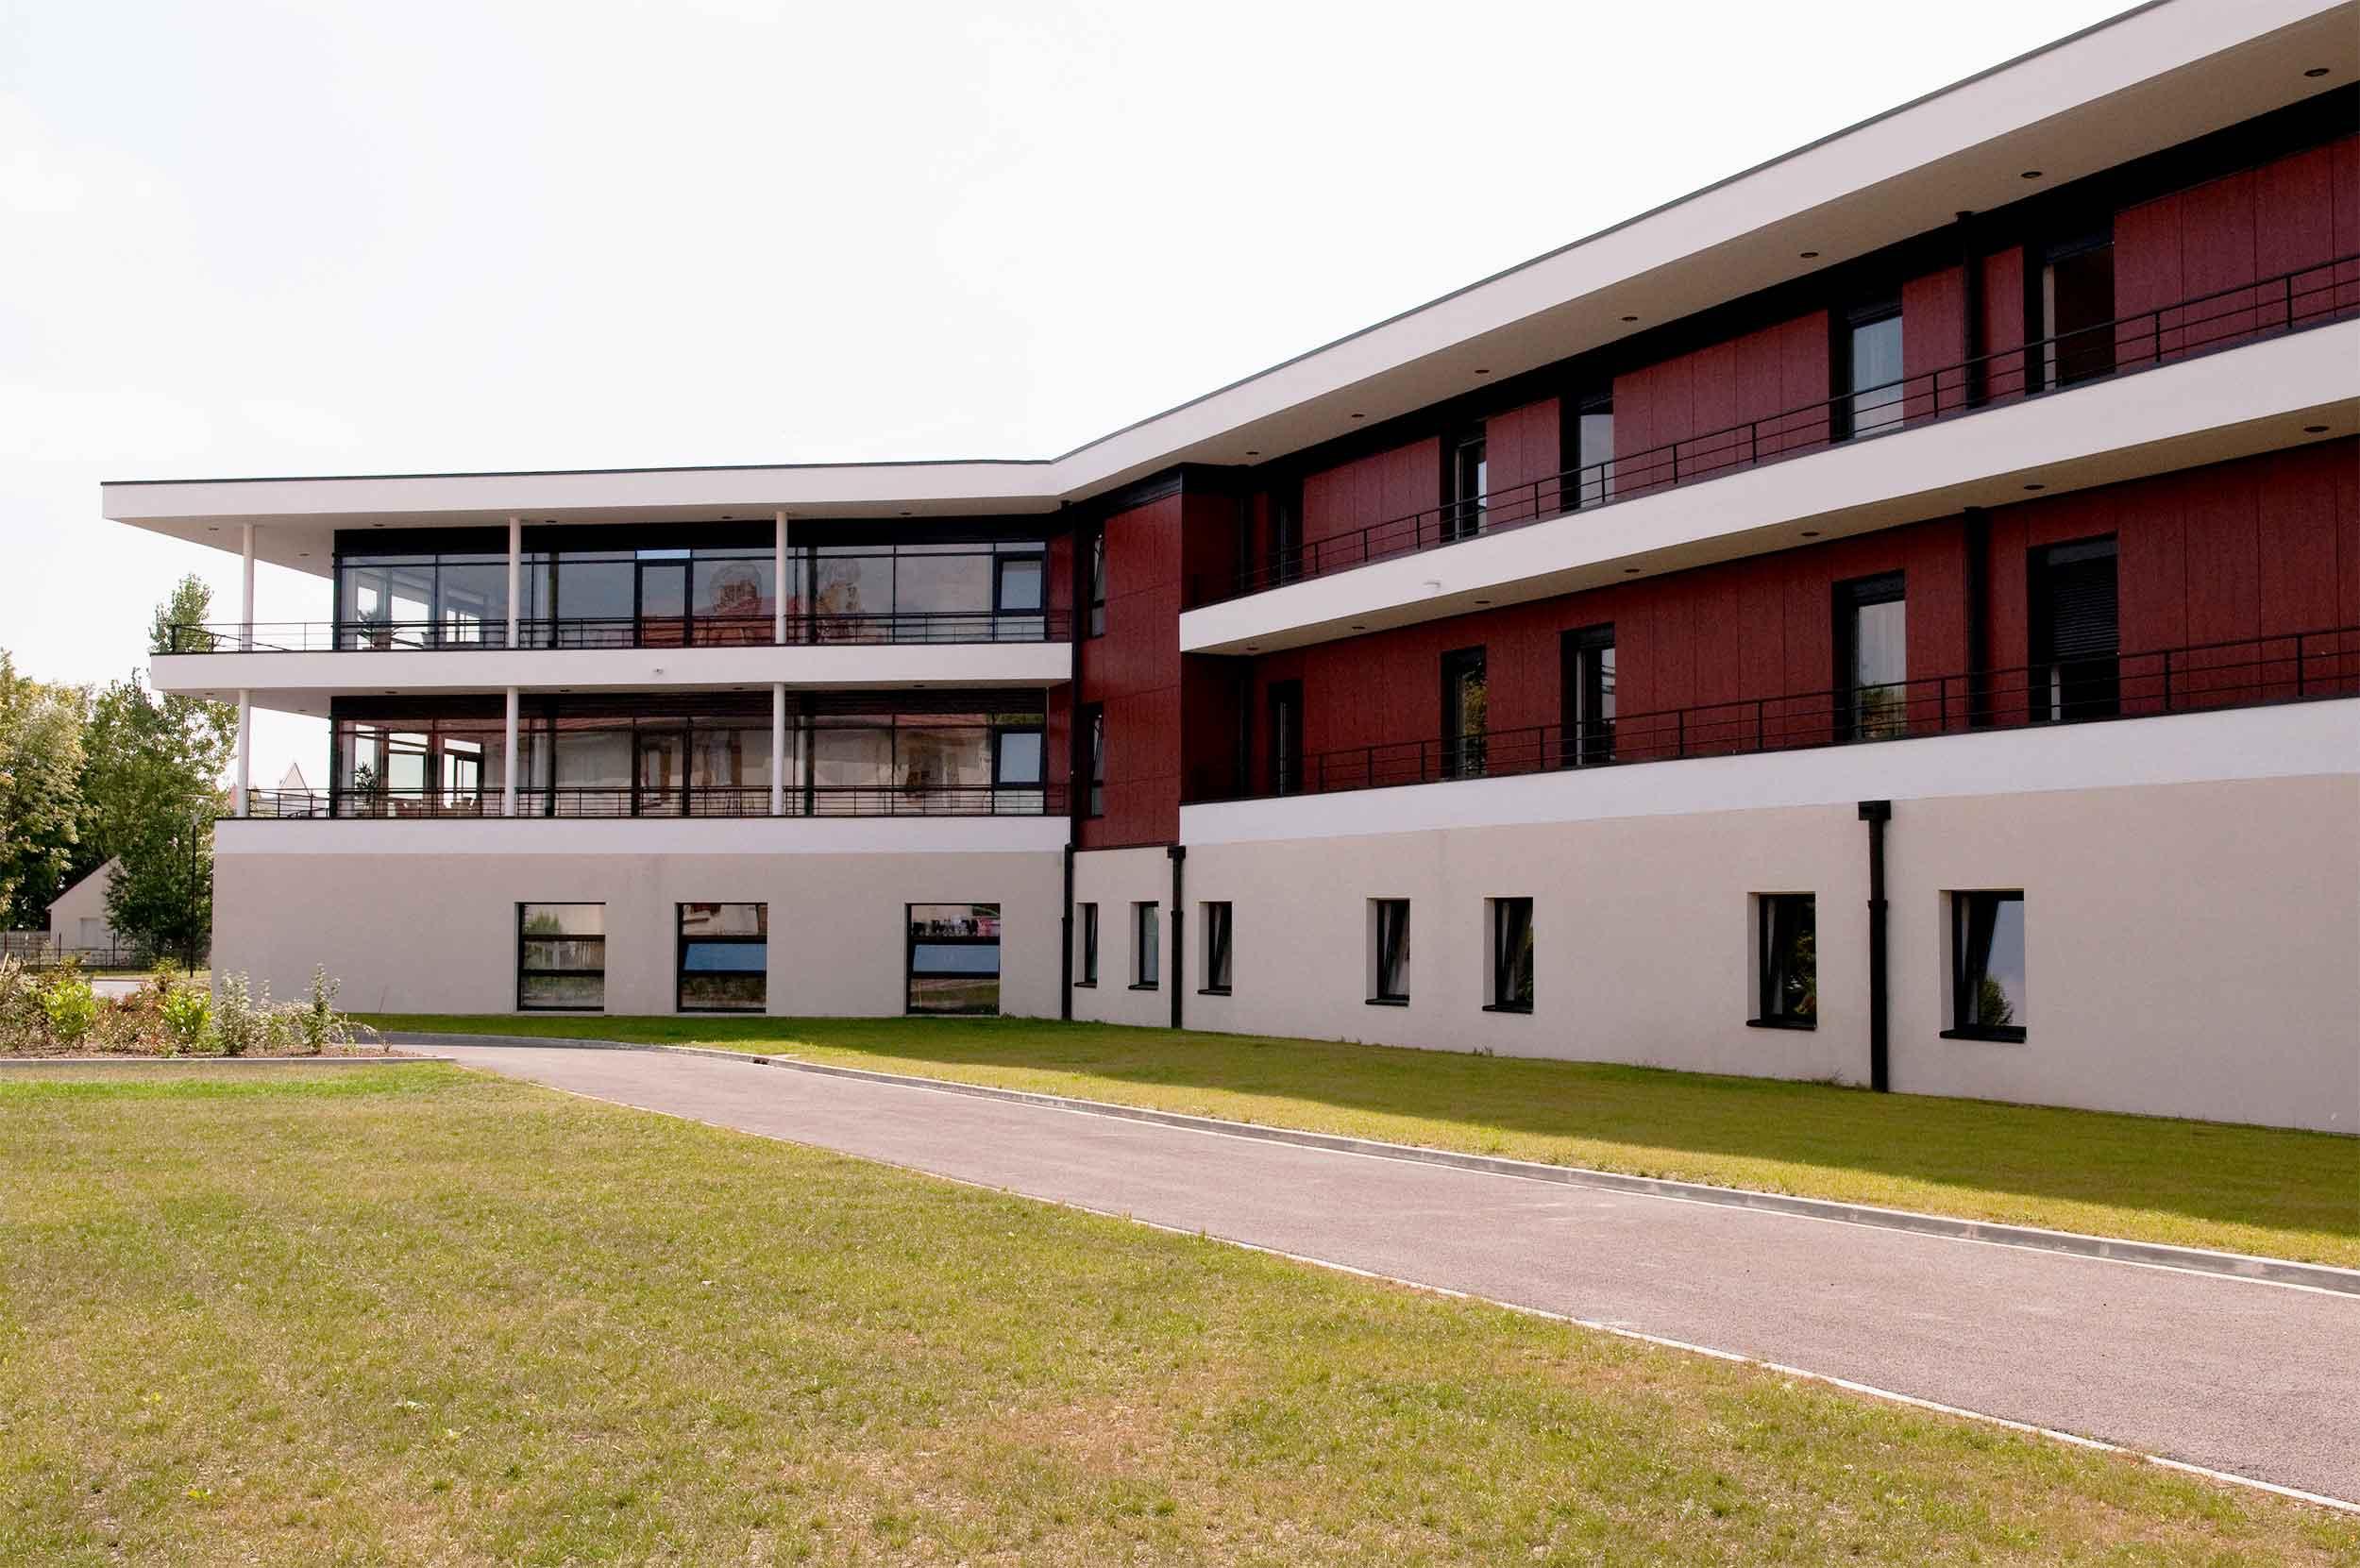 Les airelles Maison de retraite Cambrai - accueil2